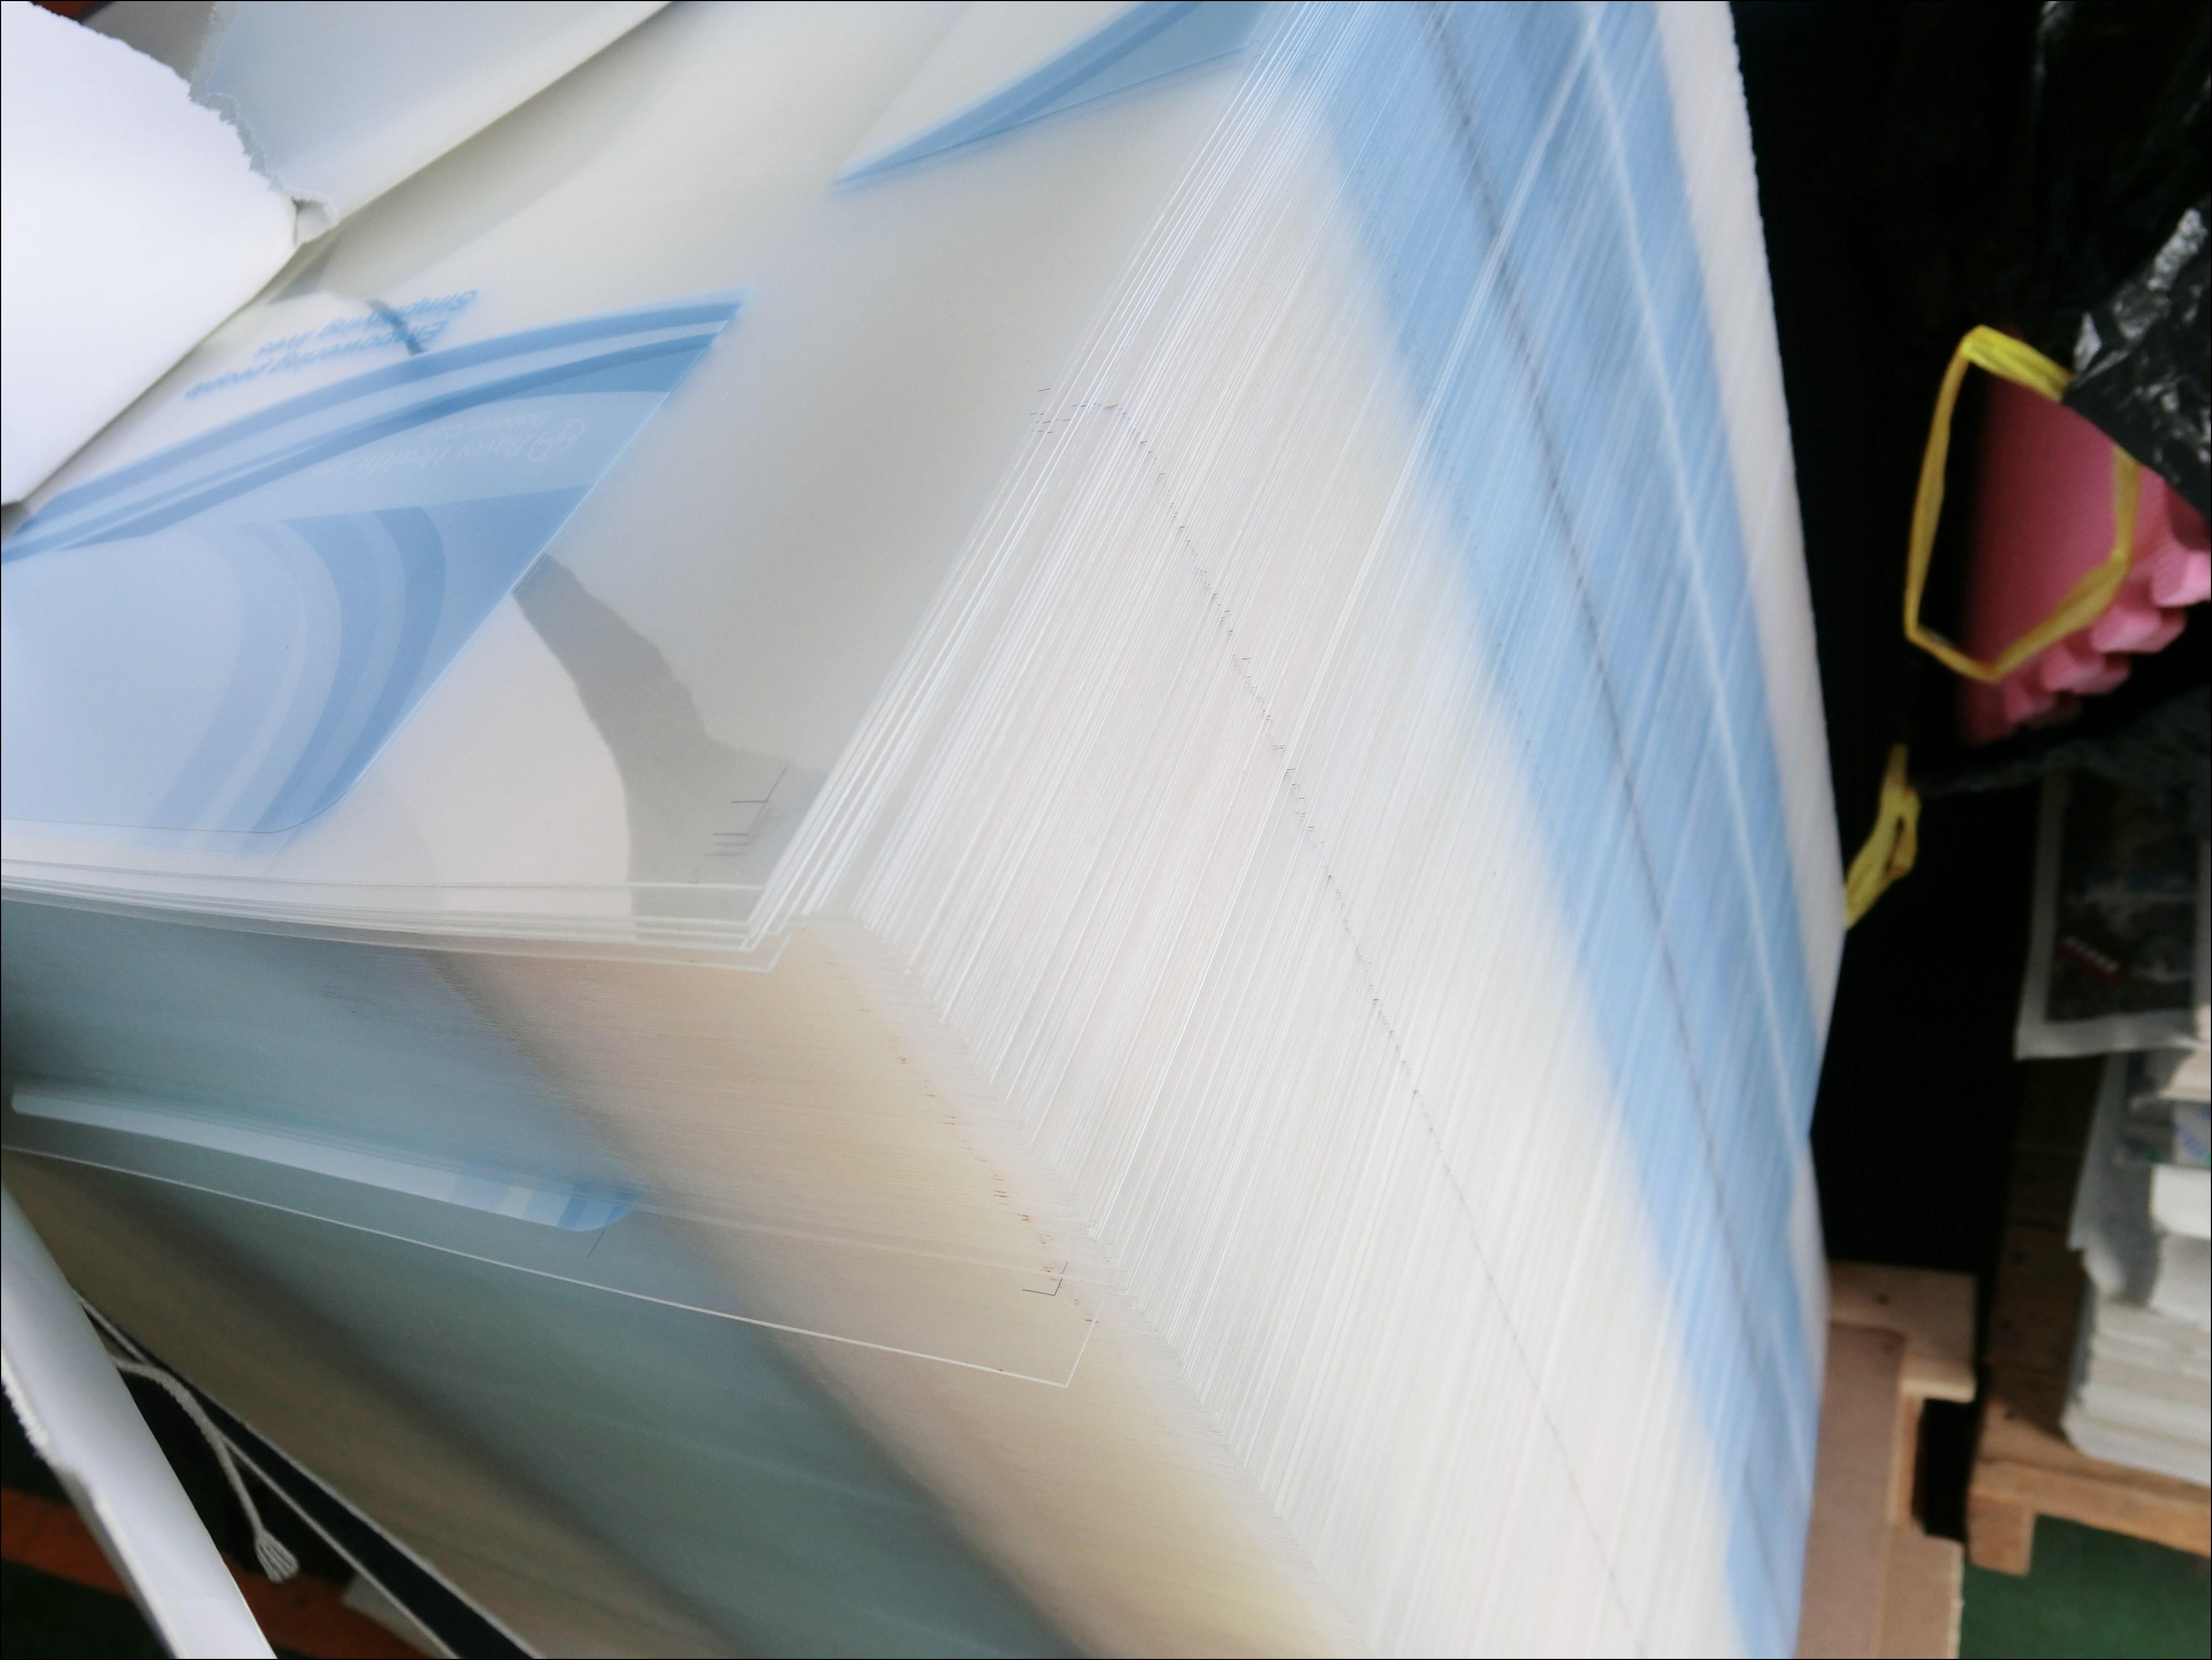 台中印刷彩盒,手工彩盒印刷,手工彩盒工廠,台中紙卡印刷分享,台中PET塑膠包裝盒,台中PP塑膠包裝盒,台中塑膠盒公司,台中透明包裝盒,台中包裝盒,彩盒印刷,紙盒印刷,台中紙盒彩盒印刷,台中包裝盒工廠,台中PET塑膠包裝盒,台中PP塑膠包裝盒,台中PVC塑膠包裝盒,台中紙盒工廠,台中紙盒公司,台中彩盒印刷廠,台中包裝盒公司,台中紙盒批發